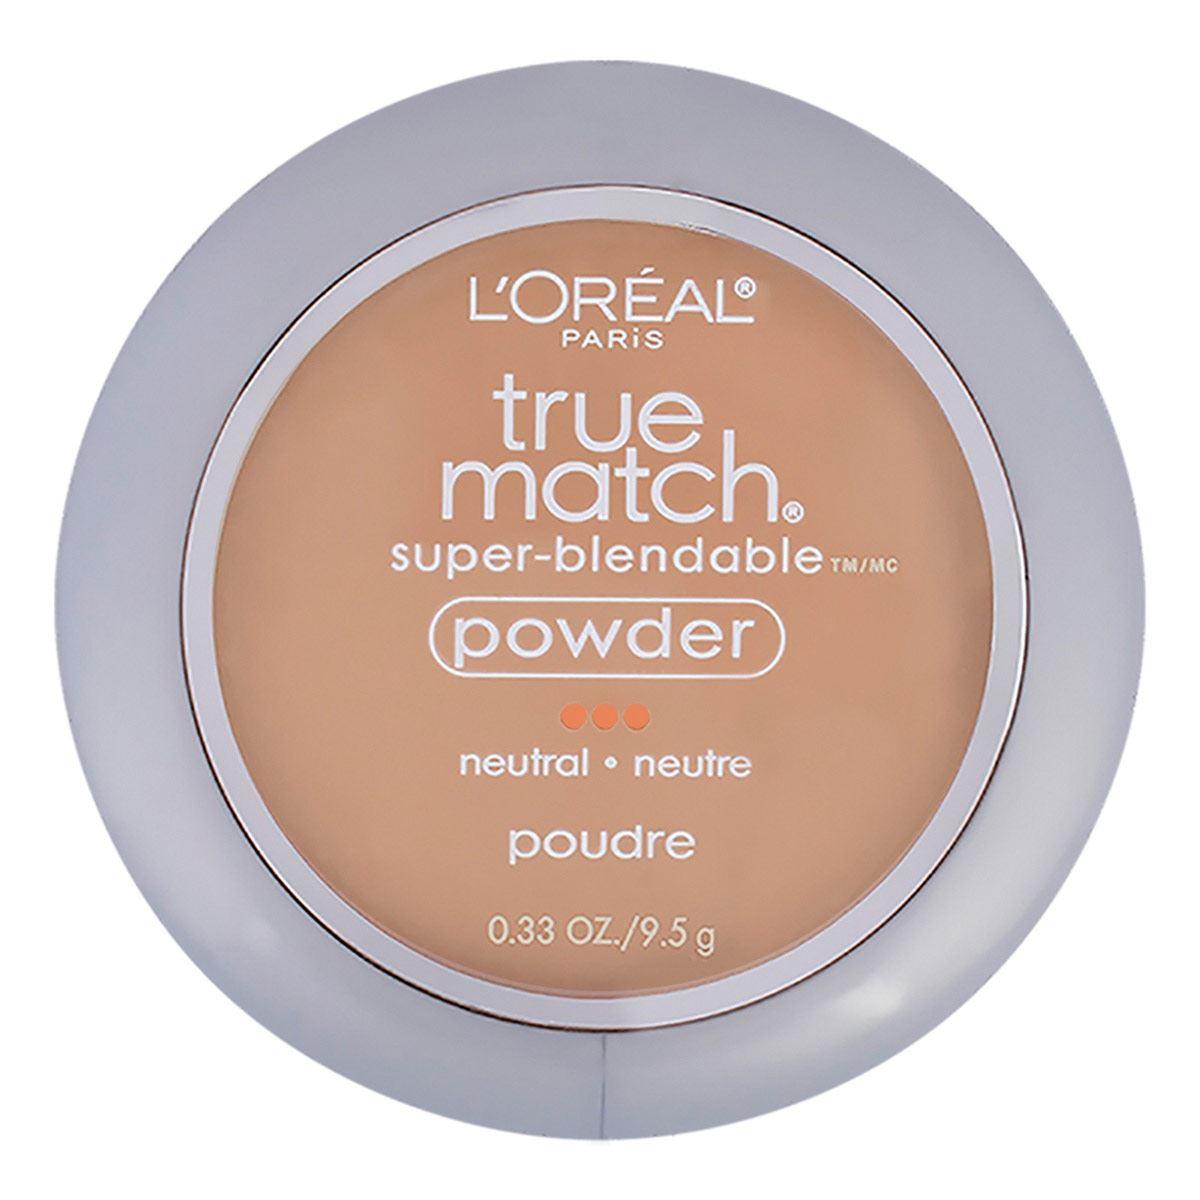 True match powder buff beige  - Sanborns